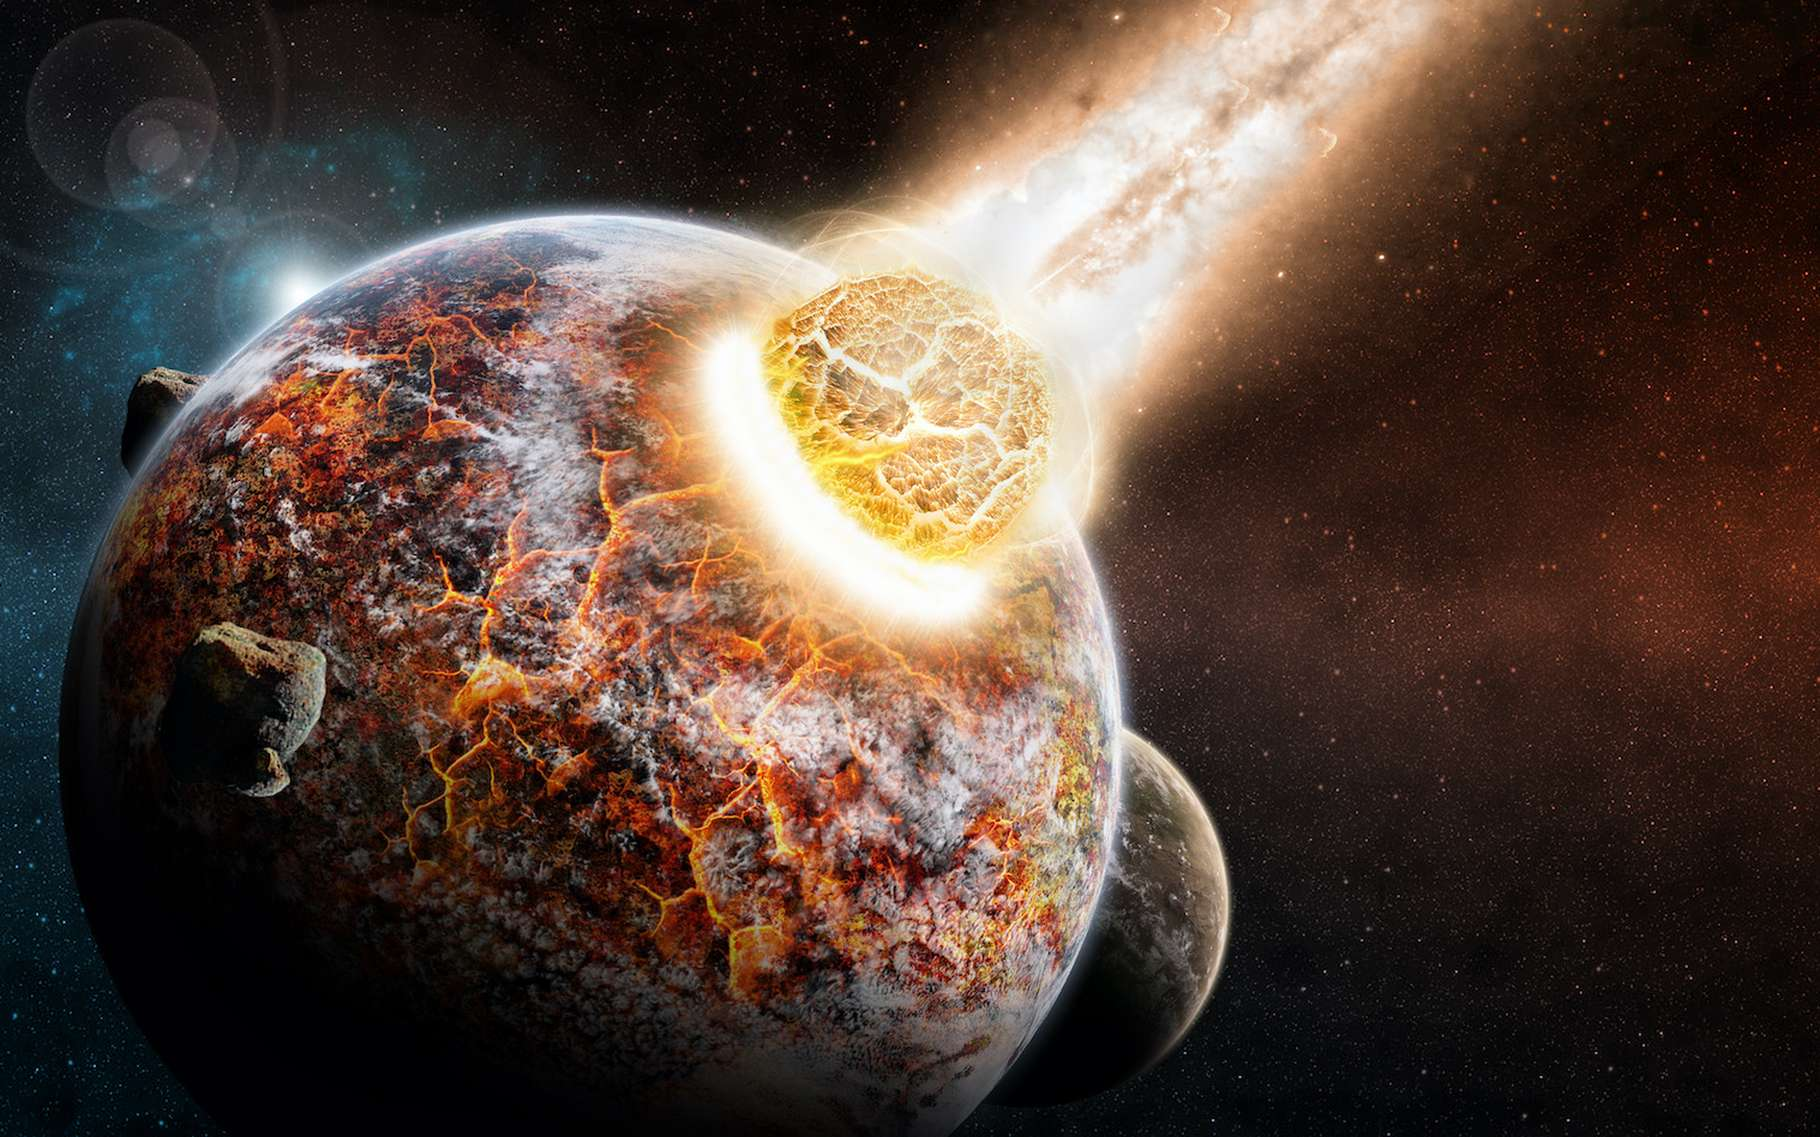 Des chercheurs de l'université de l'Arizona (États-Unis) proposent un nouveau scénario de formation des planètes internes au Système solaire qui explique les différences entre notre Terre et Vénus, et les similitudes entre notre Planète et la Lune. © sdecoret, Adobe Stock